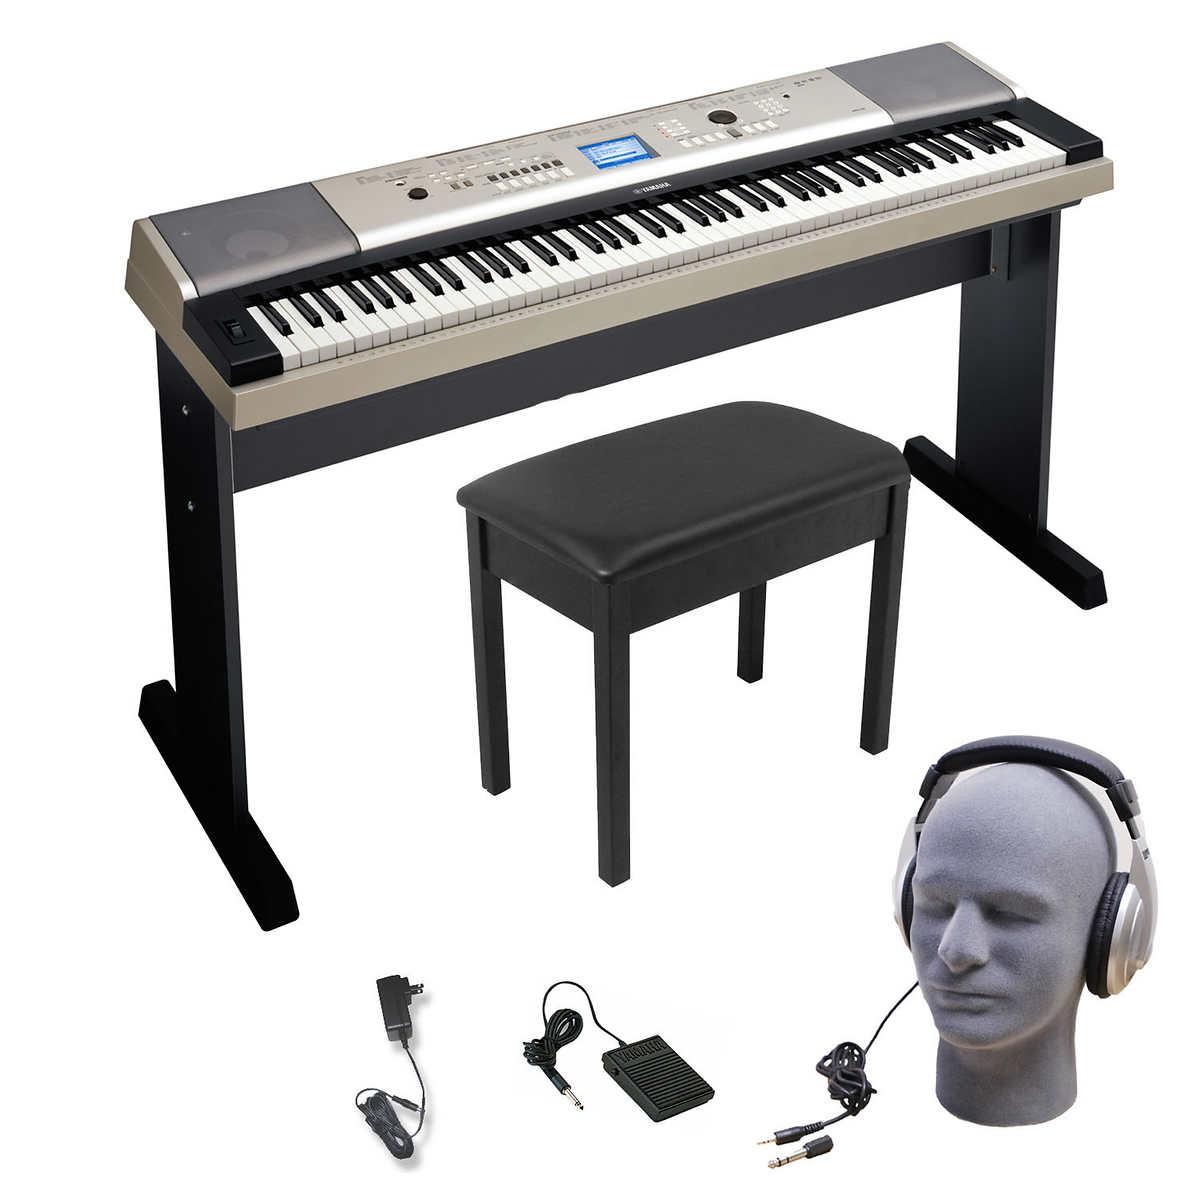 yamaha ypg535 88 key keyboard bundle 859974004114 ebay. Black Bedroom Furniture Sets. Home Design Ideas